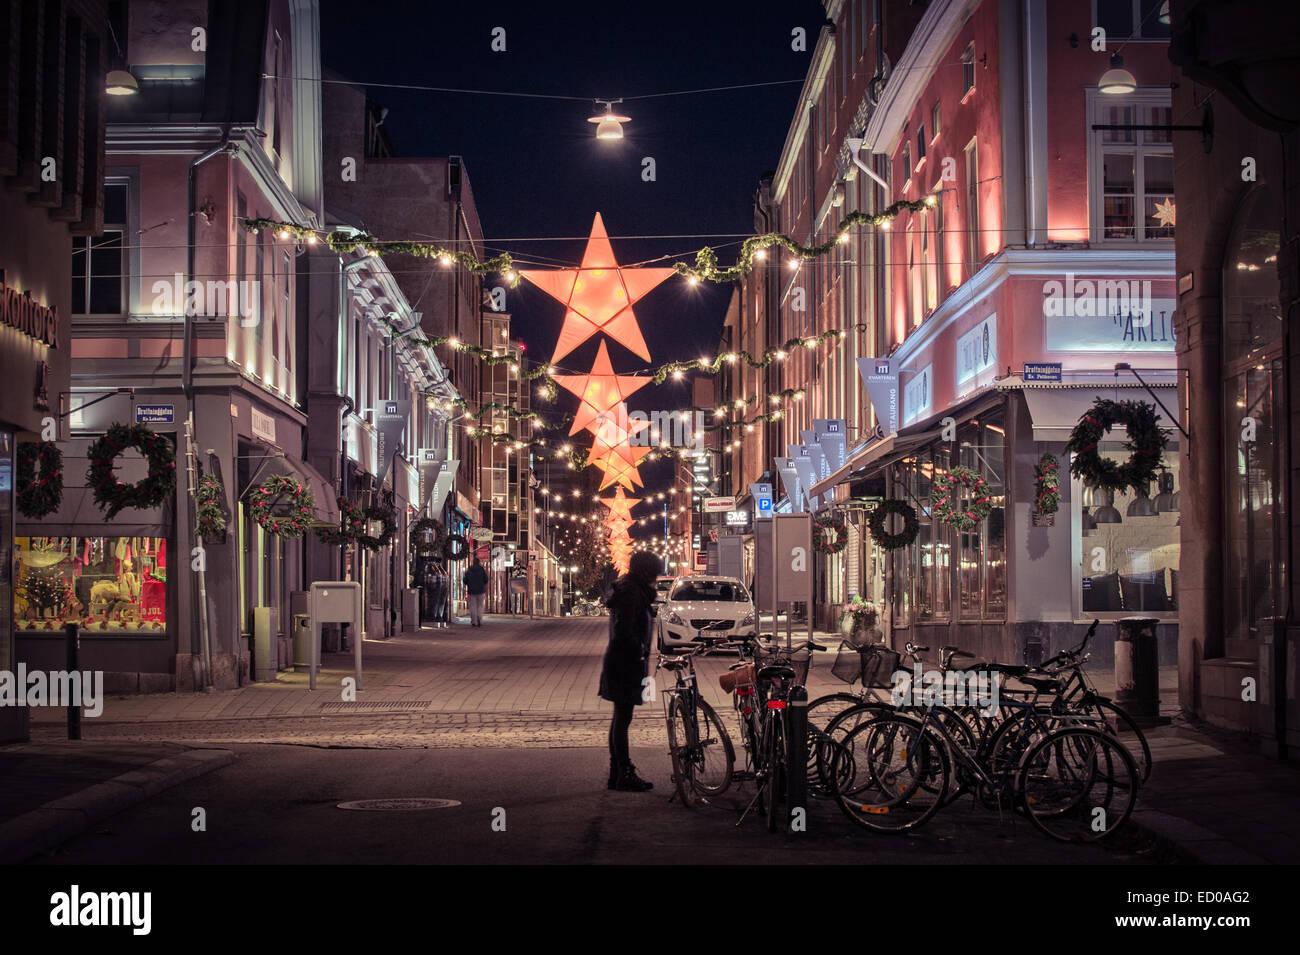 Le decorazioni di Natale nel centro della città di Norrkoping, Svezia. Immagini Stock